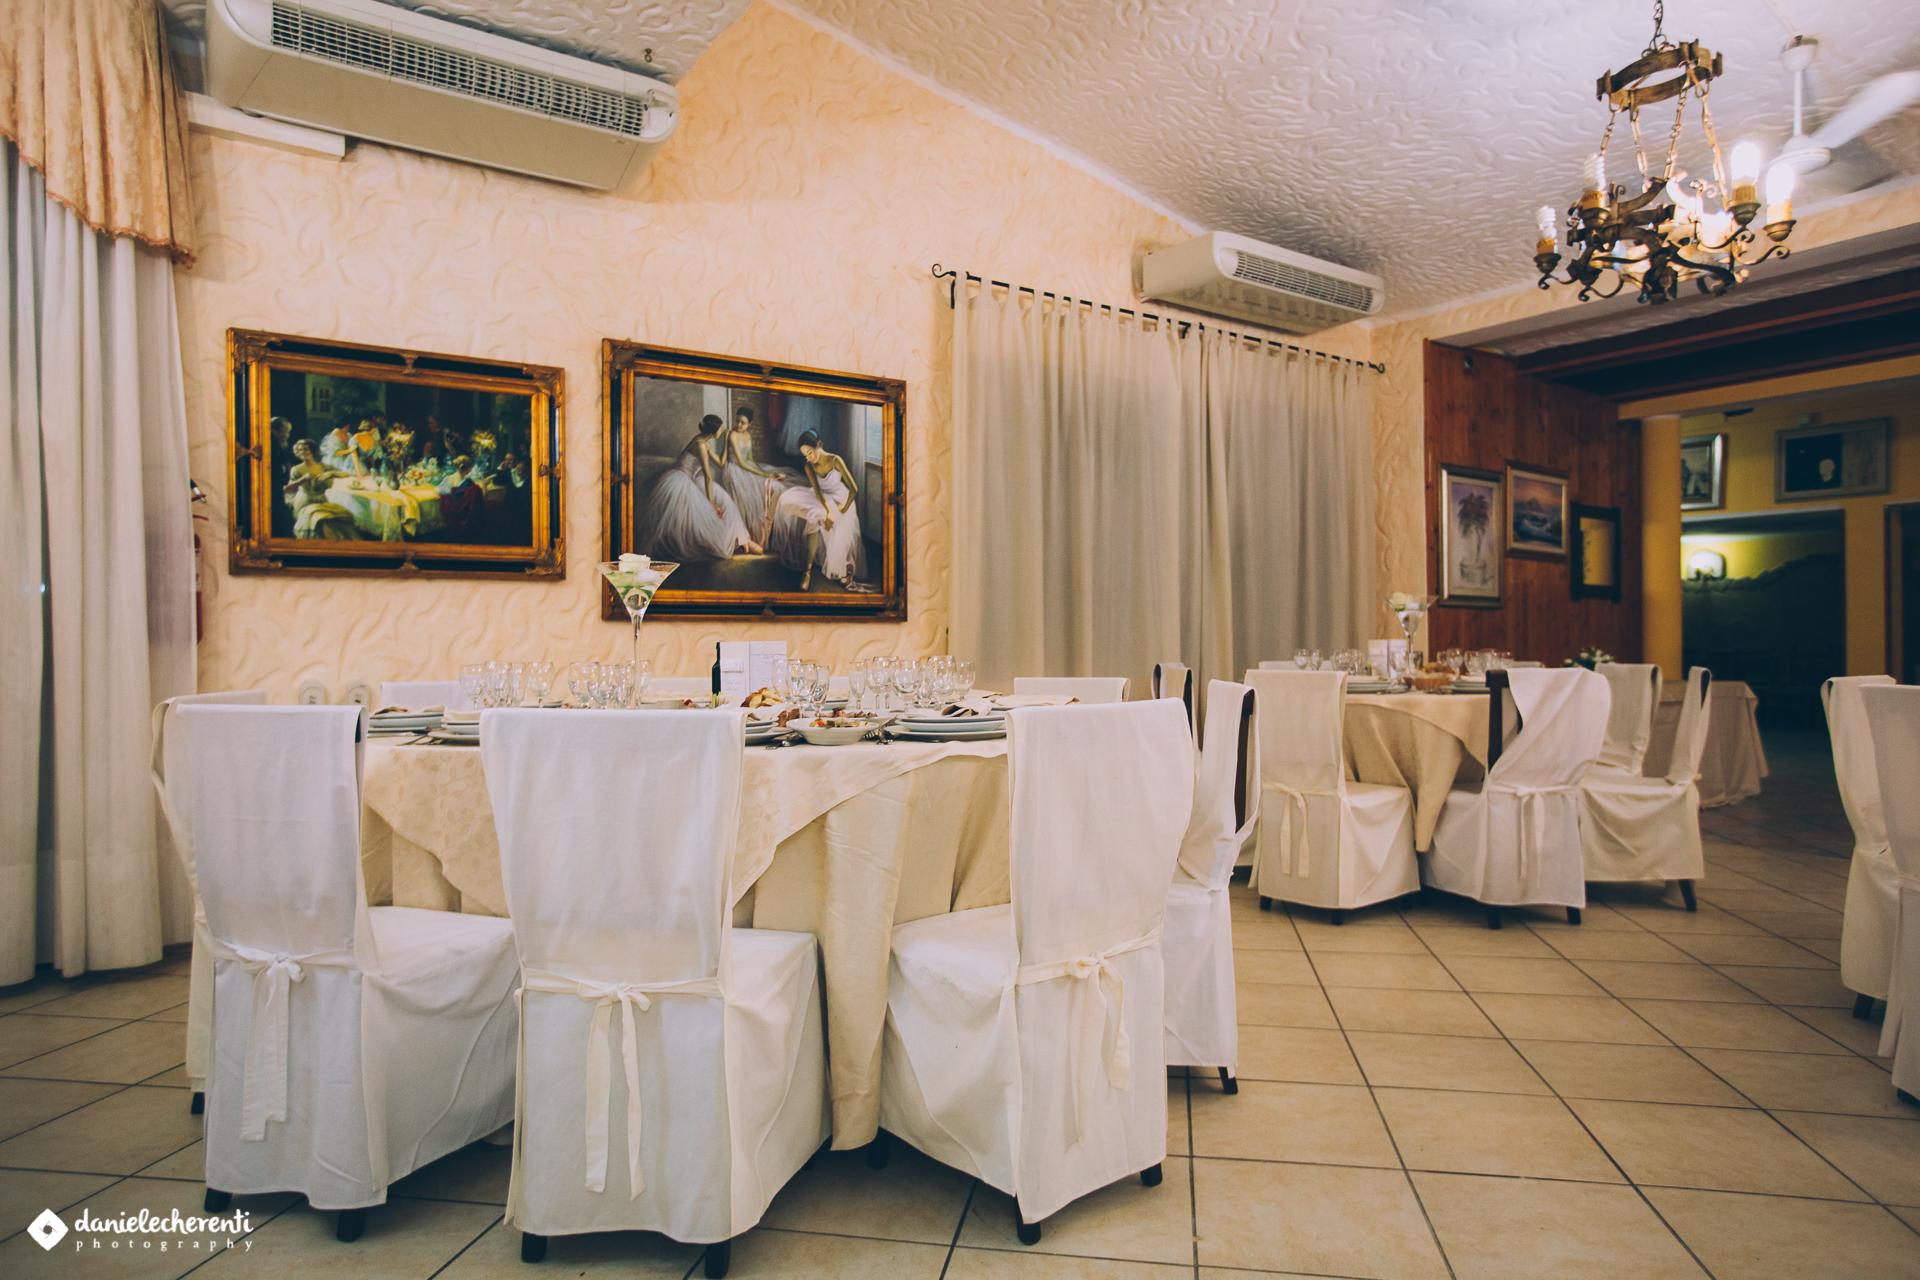 Sale ricevimenti per matrimoni a Carbonia - Ristorante Tanit - Ristorante a Caqrbonia dal 1981 -12